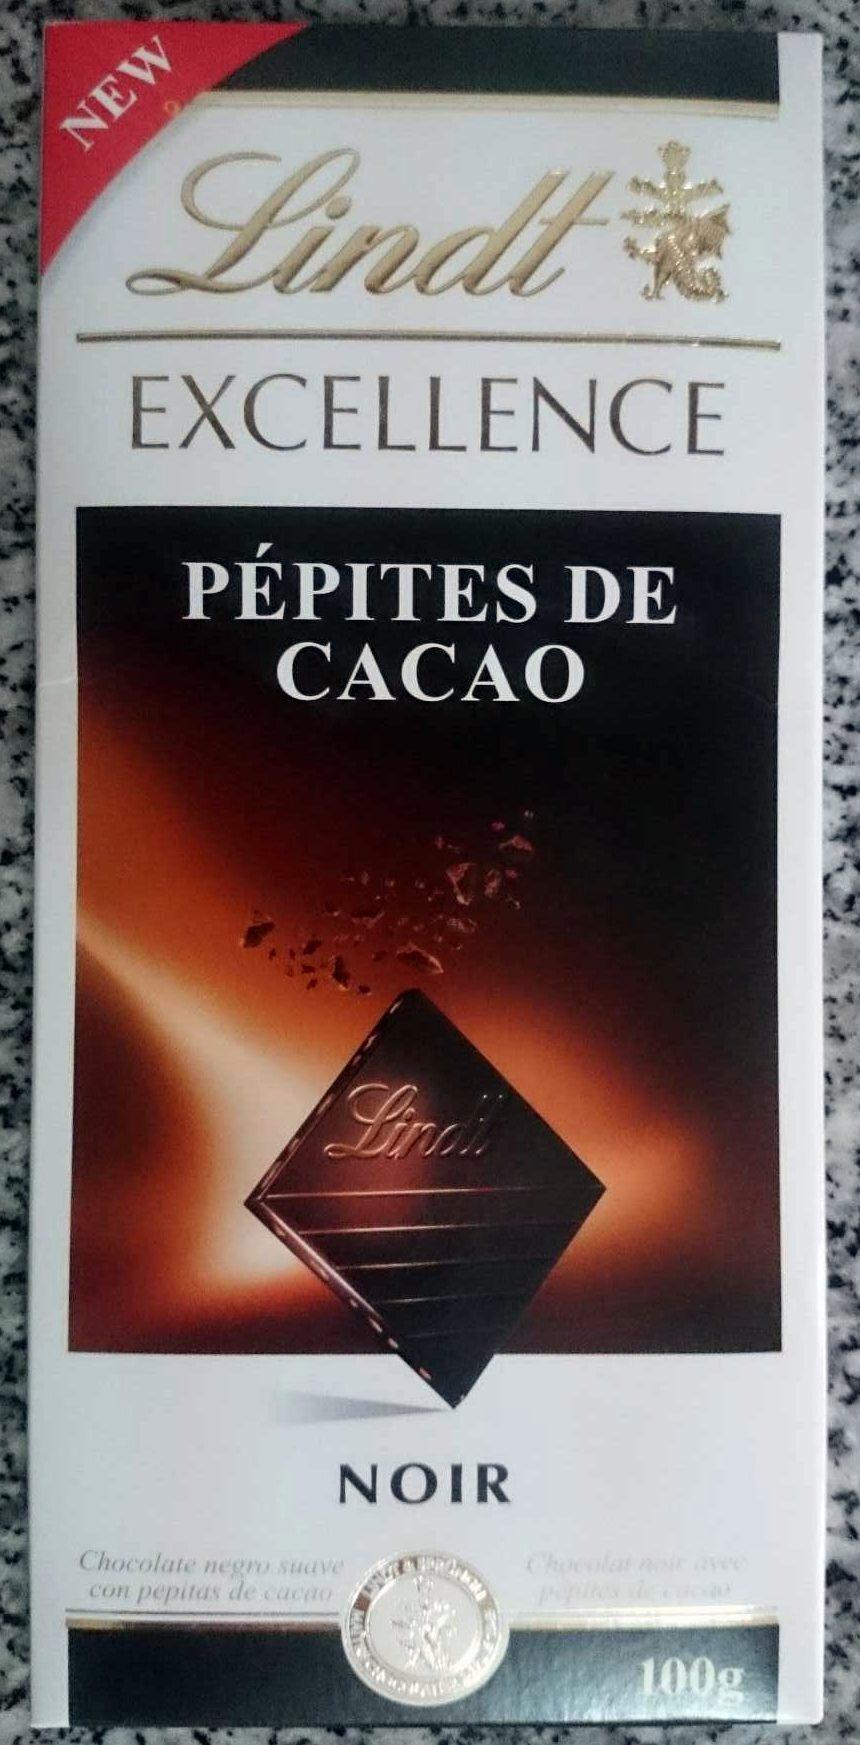 Chocolat noir pépite de cacao - Product - fr